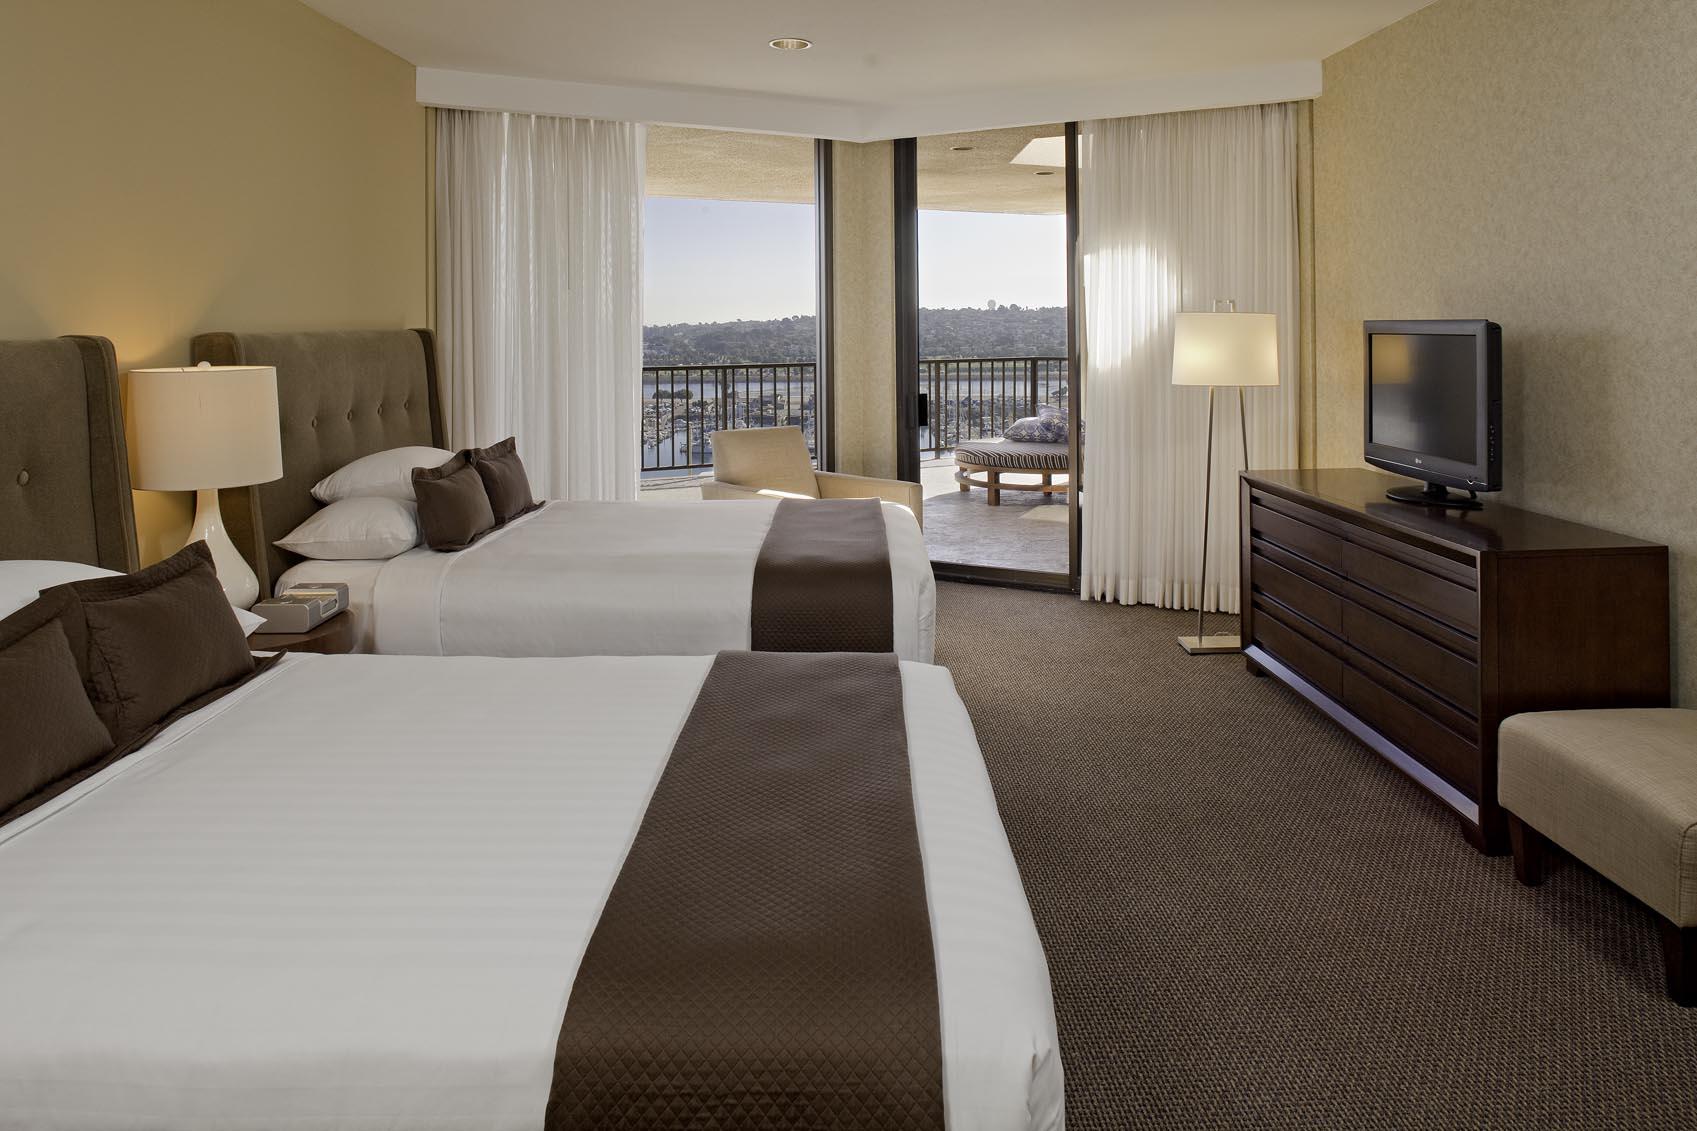 Exclusive presidential hotel suites in san diego - San diego 2 bedroom suite hotels ...